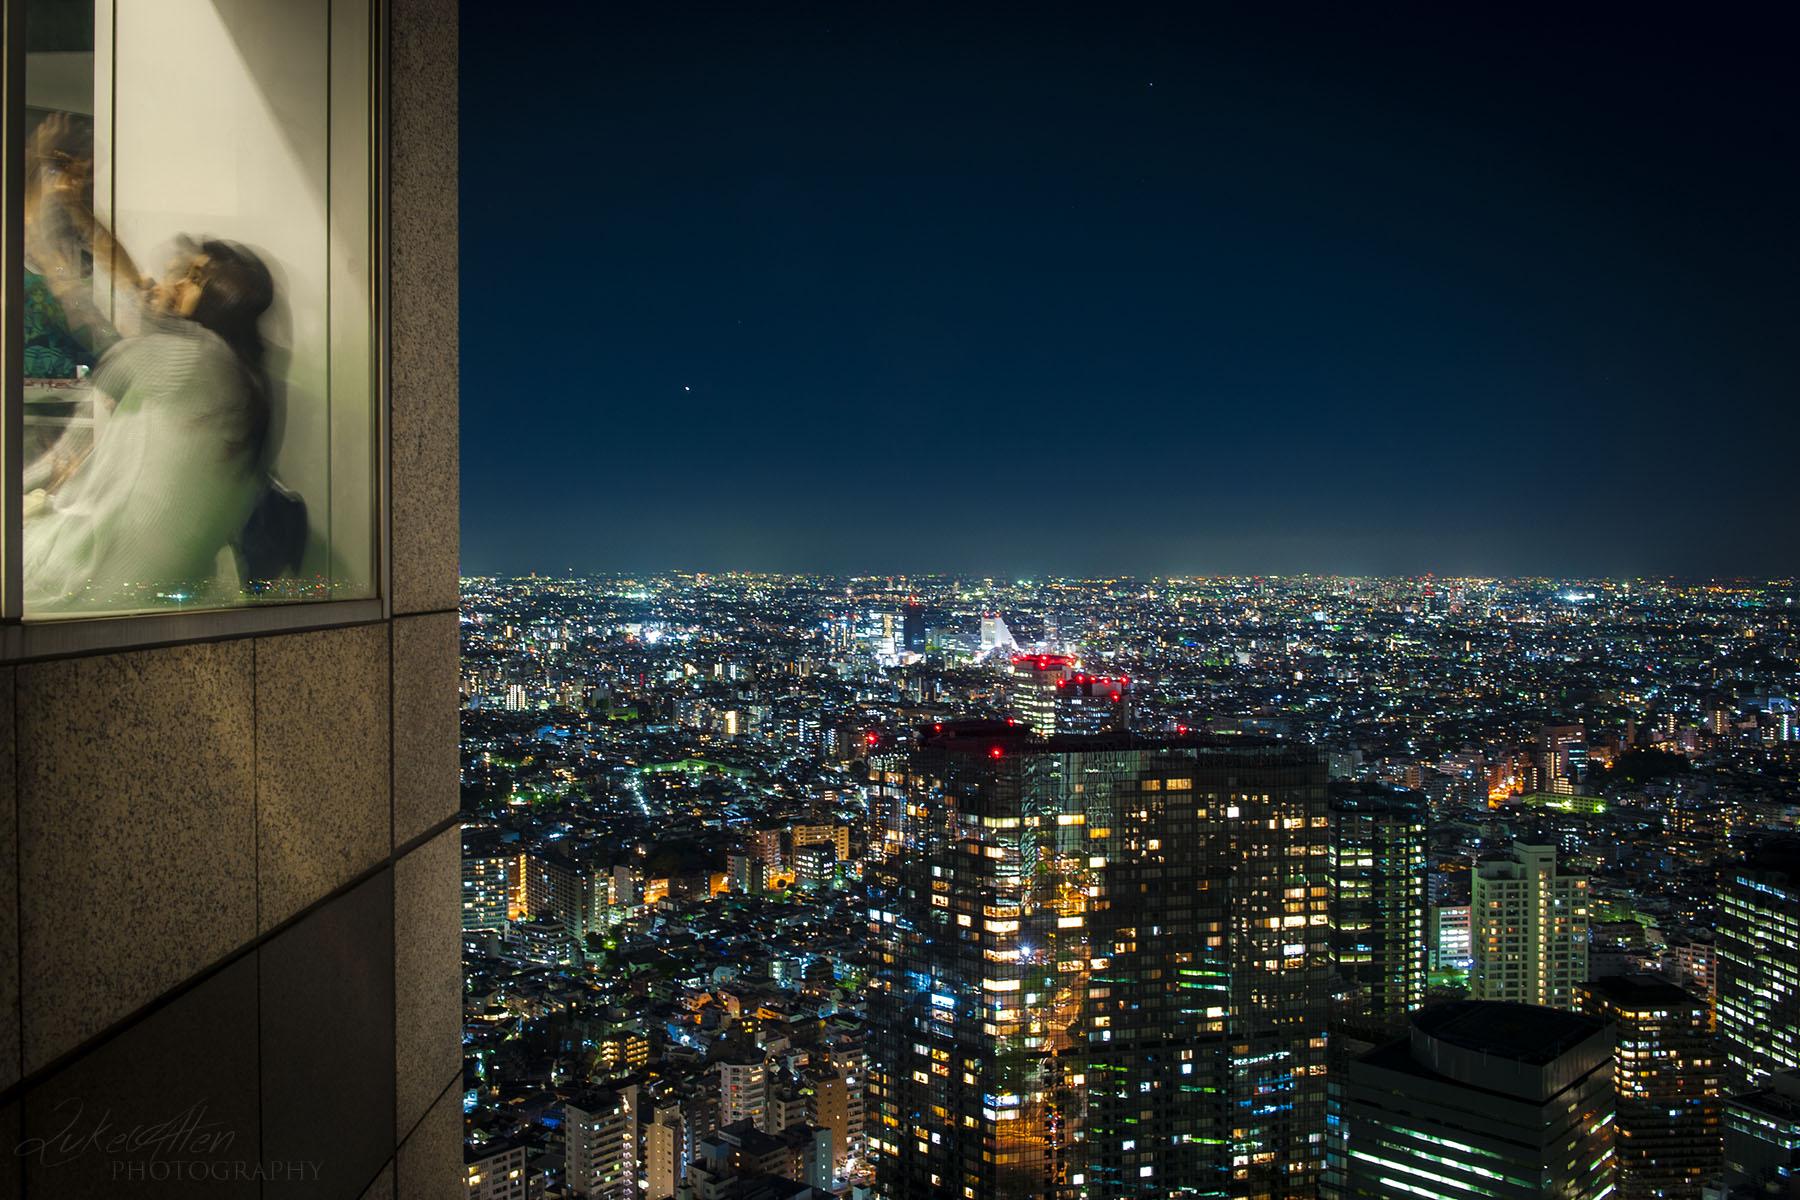 Selfie/Cityscape by Ulprus